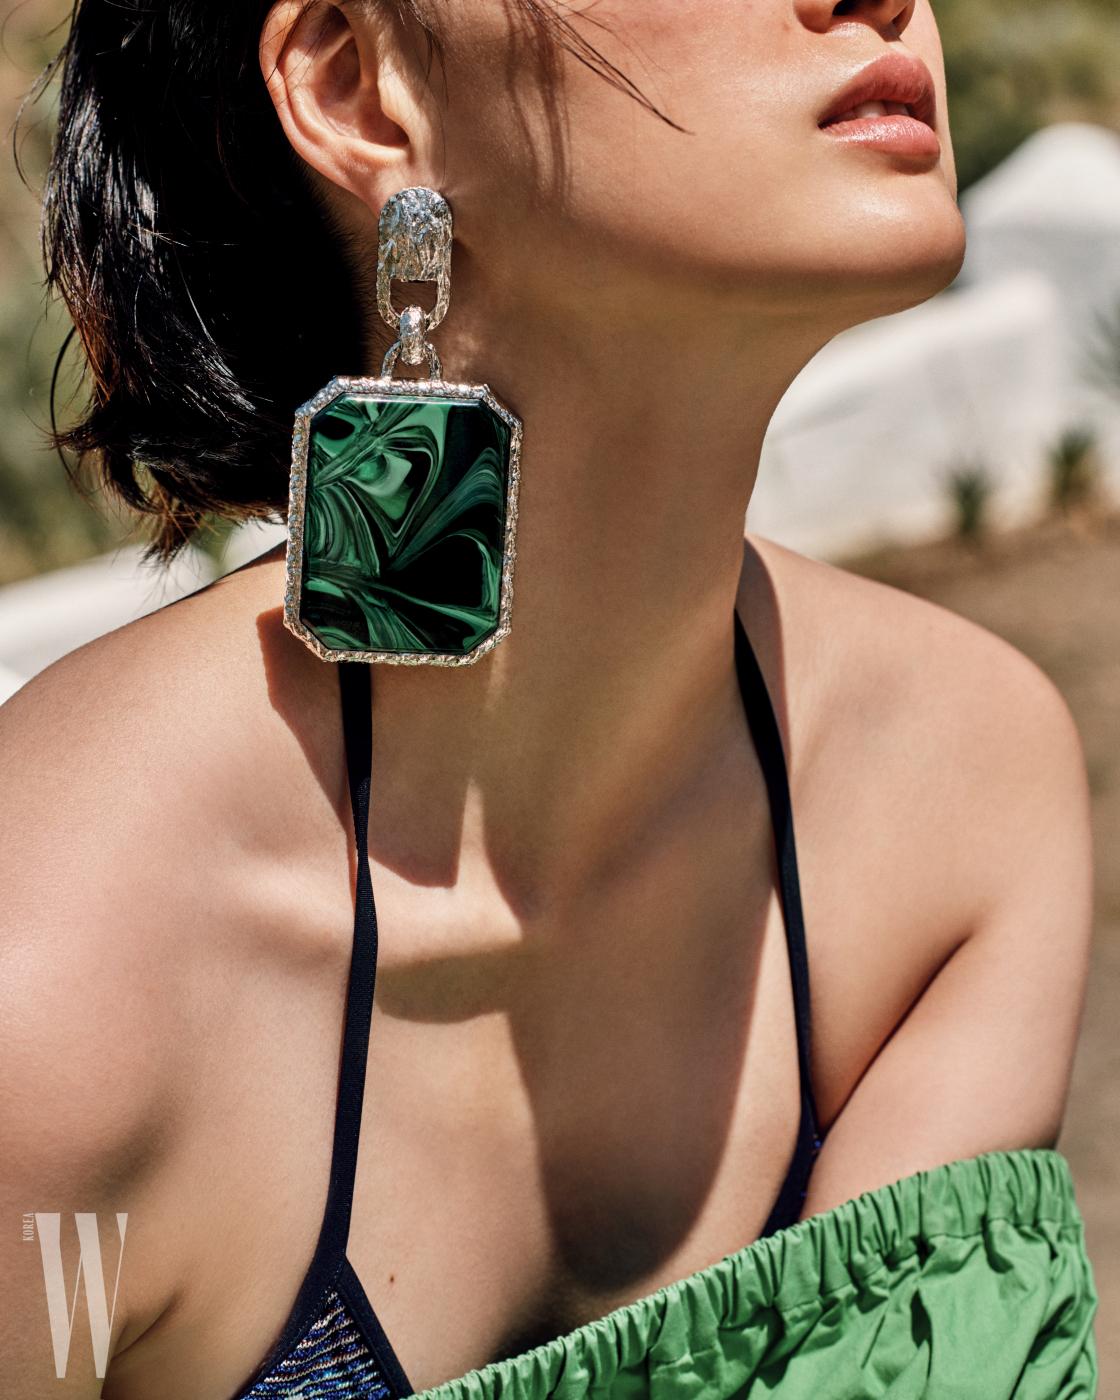 큼지막한 녹색 원석 귀고리는 발렌시아가, 홀터넥 수영복은 미쏘니, 오프숄더 드레스는 포츠 1961 제품.